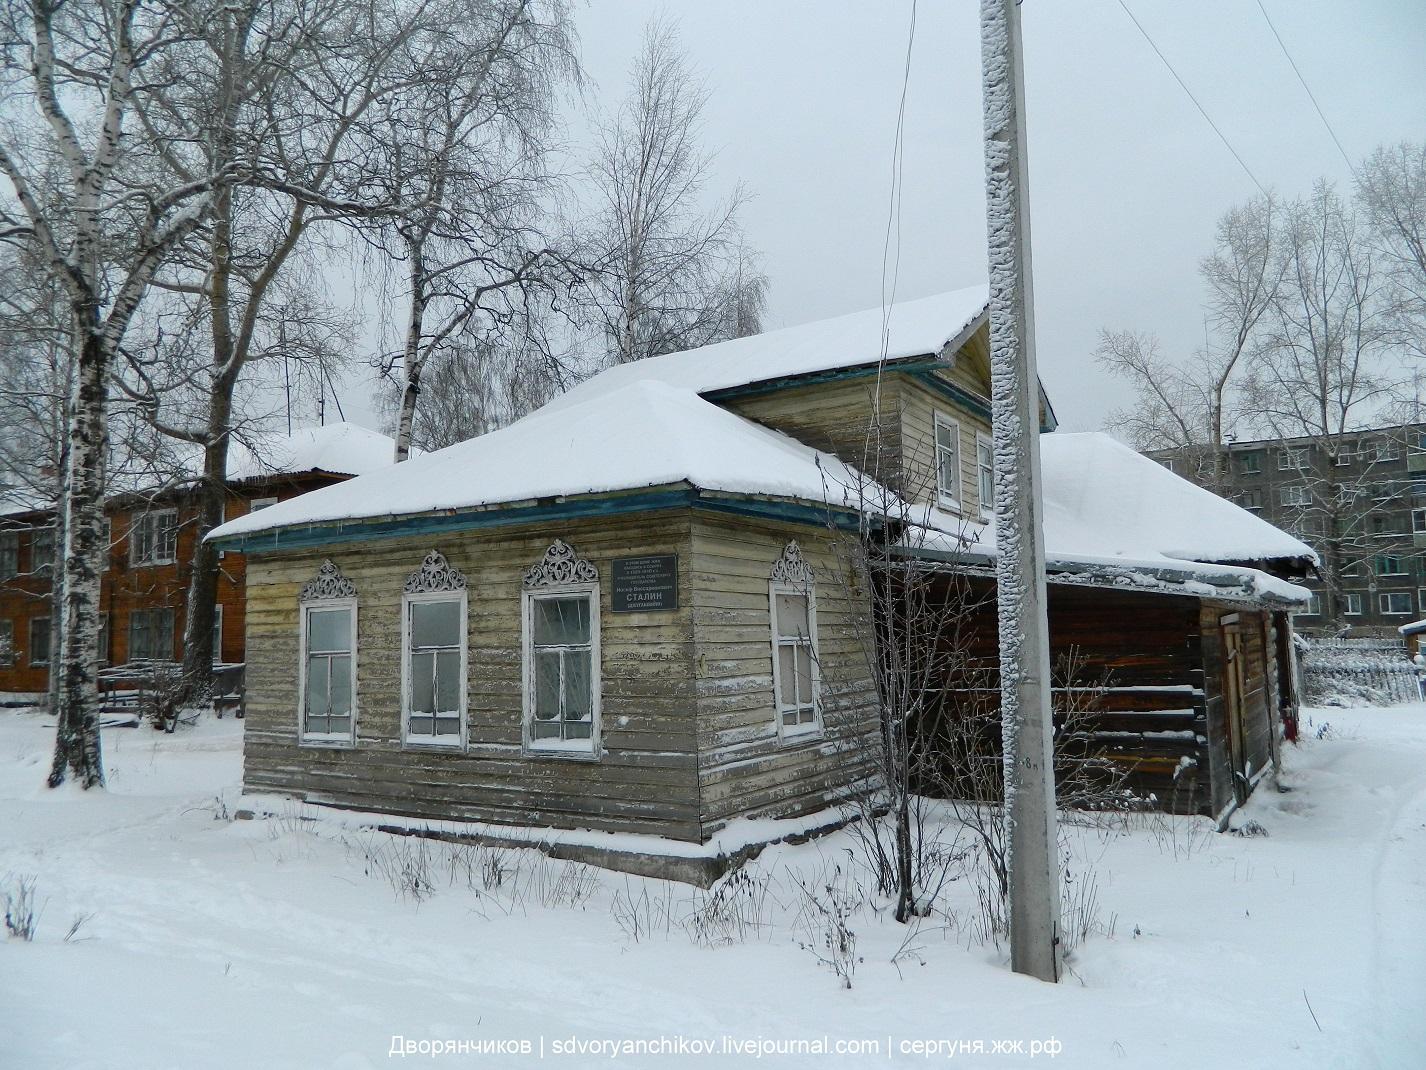 Сольвычегодск - у дома - музея Сталина - 17 декабря 2013